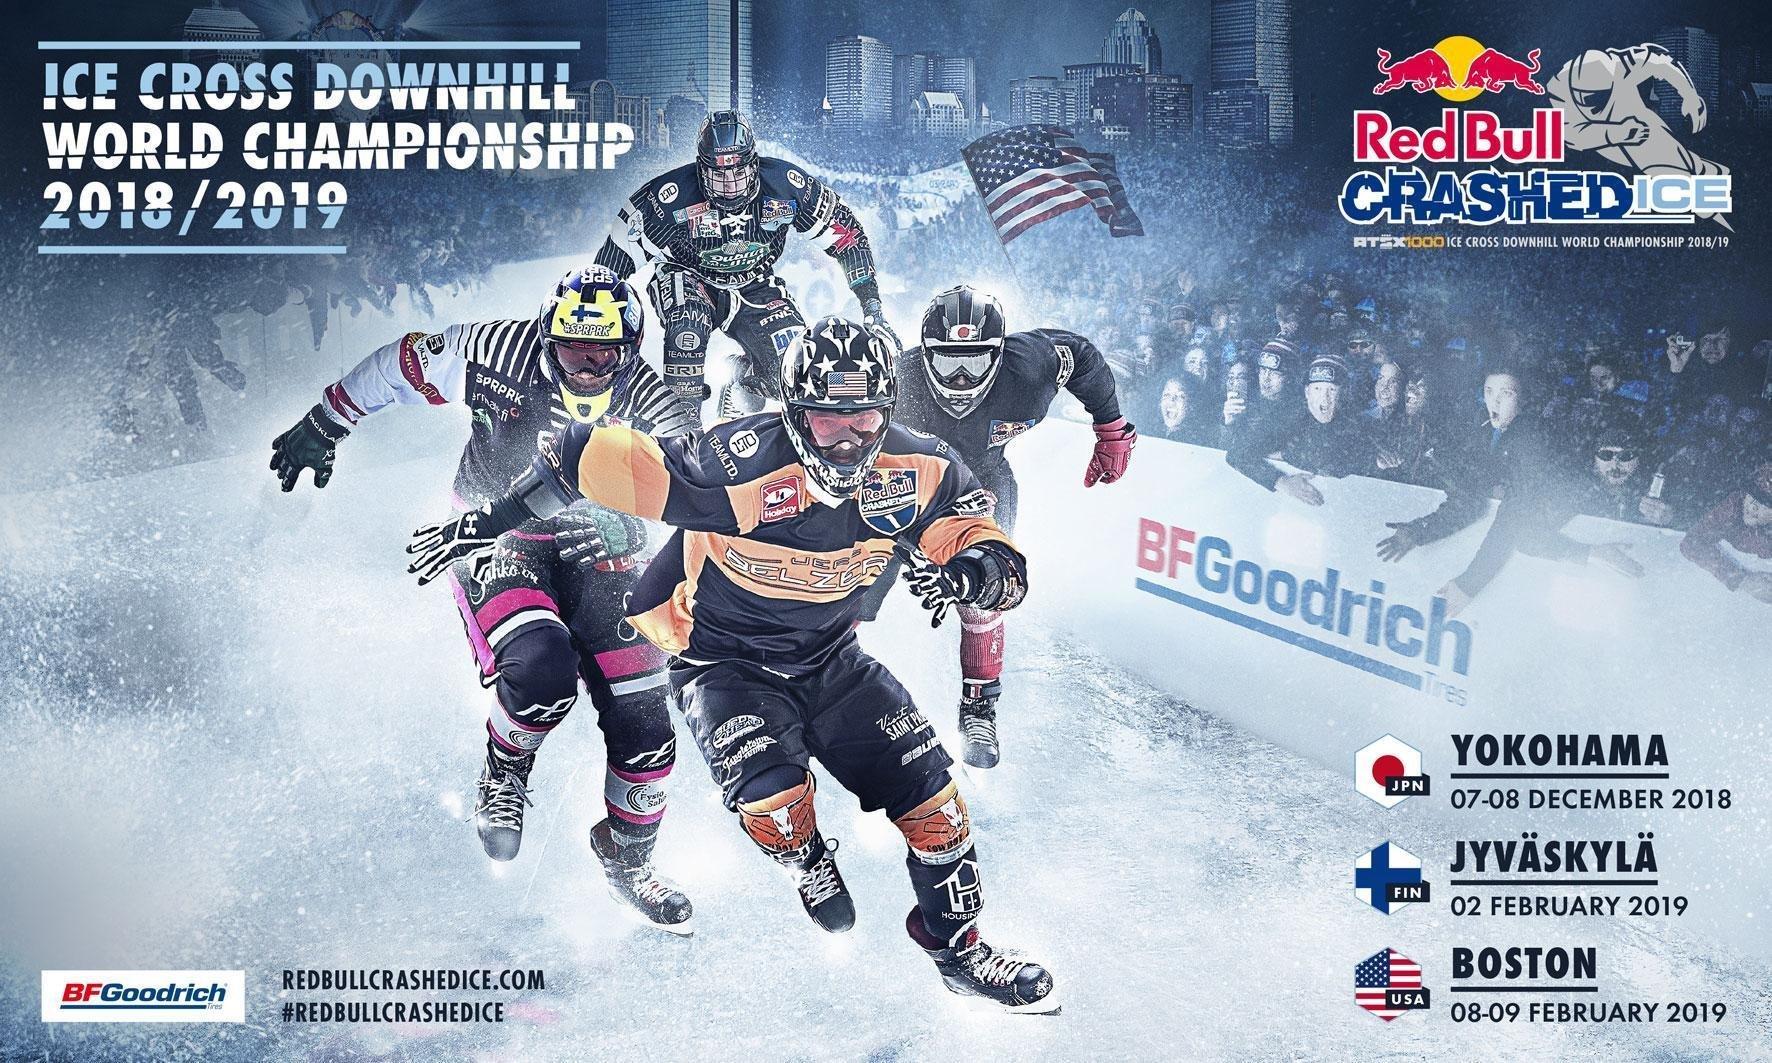 『アイスクロス・ダウンヒル・ワールドチャンピオンシップ』は今回、19シーズン目を迎える